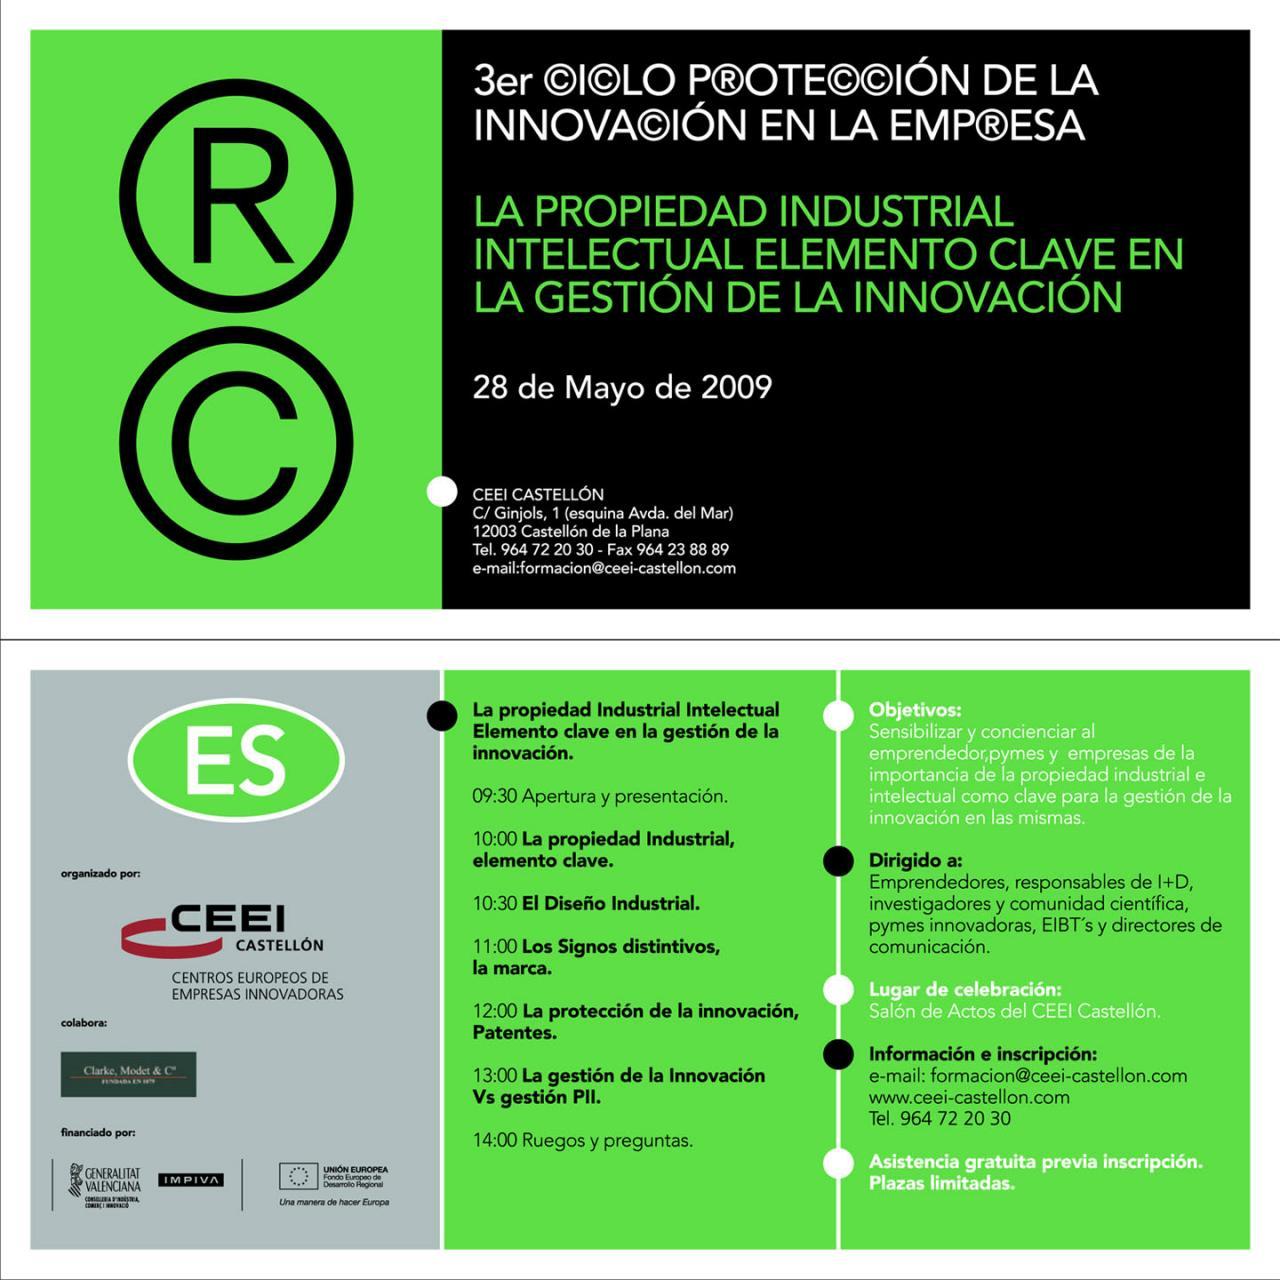 El CEEI Castellón organiza el 3er Ciclo de Protección de la Innovación en la empresa